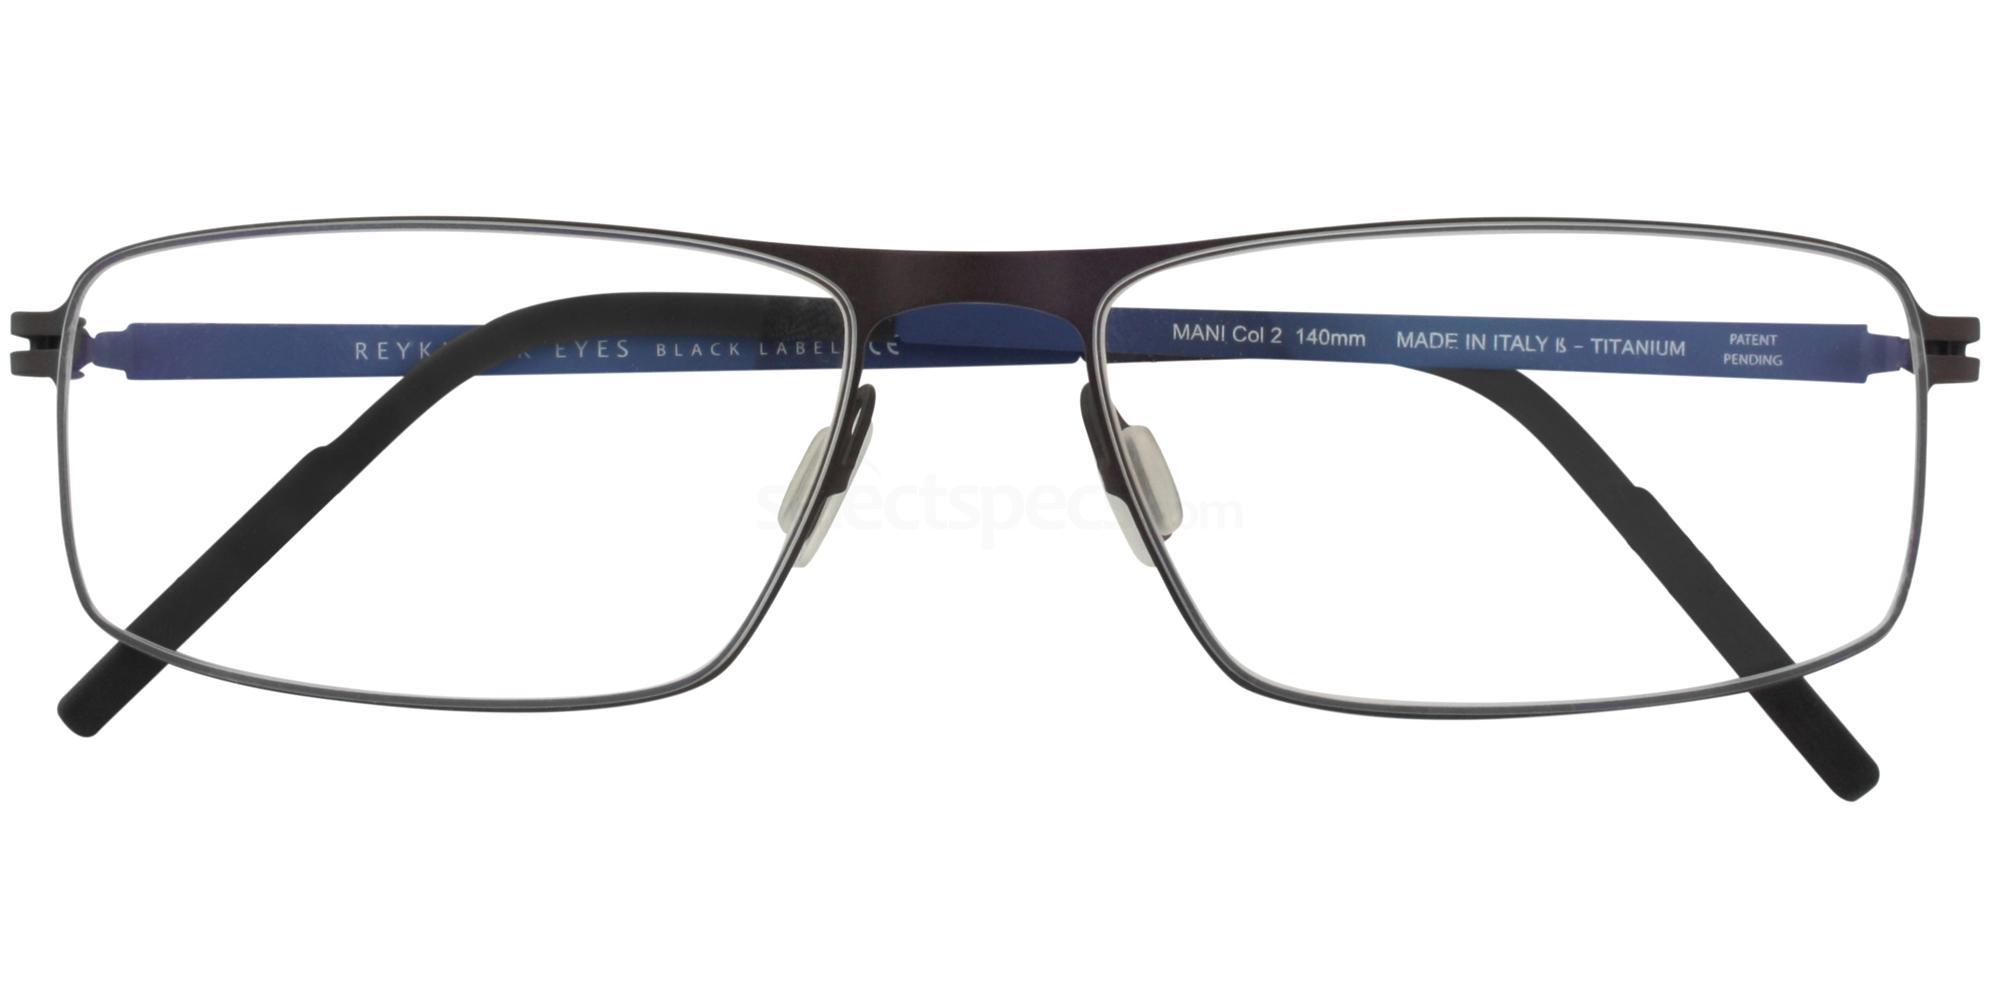 C2 MANI Glasses, Reykjavik Eyes Black Label